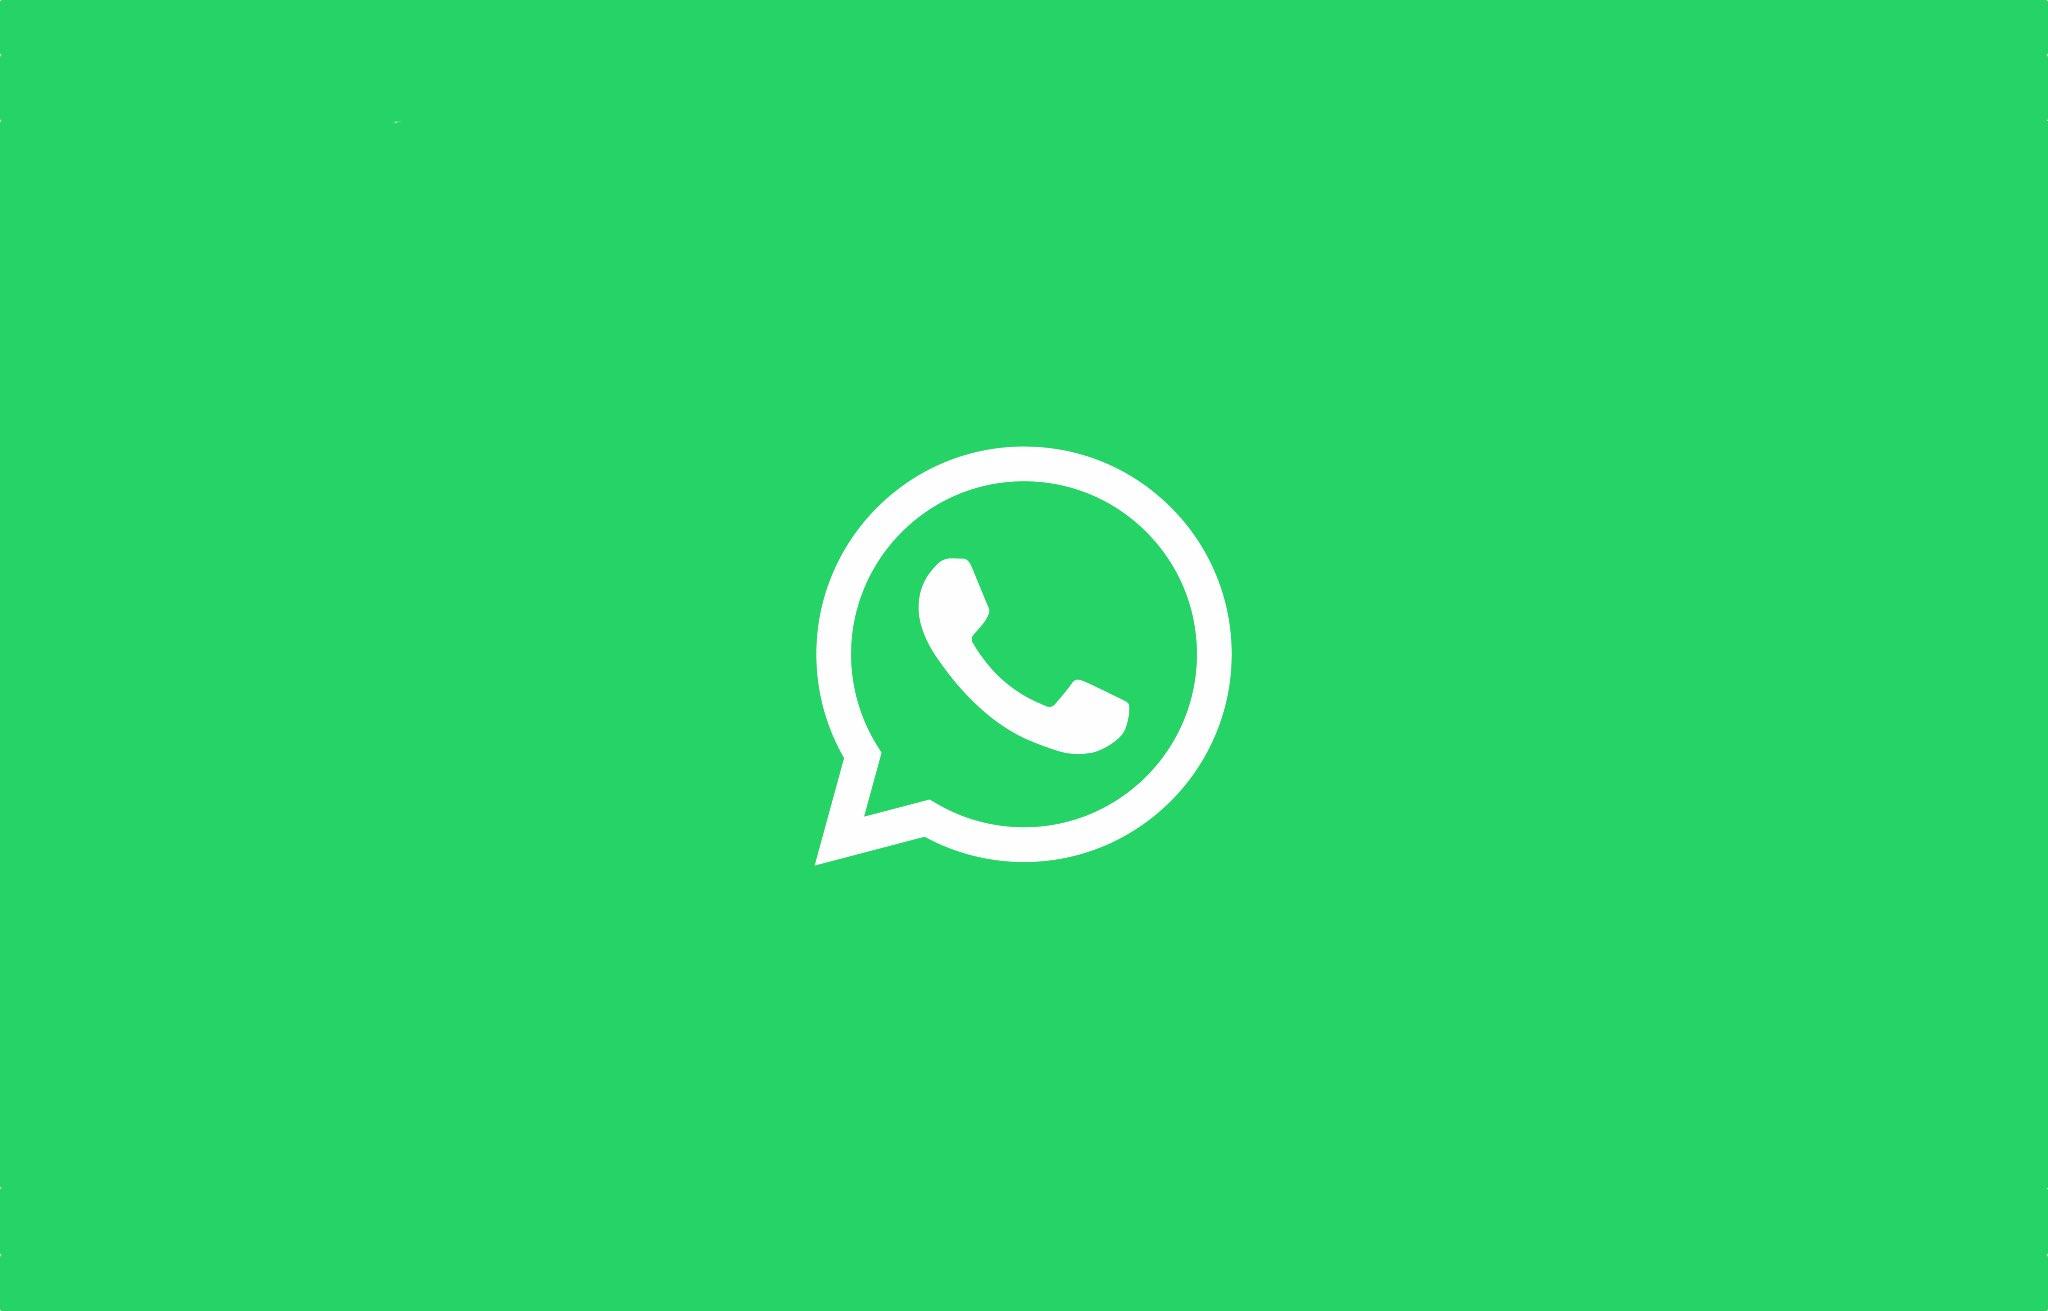 WhatsApp testuje możliwość korzystania z tego samego konta użytkownika na wielu urządzeniach 1